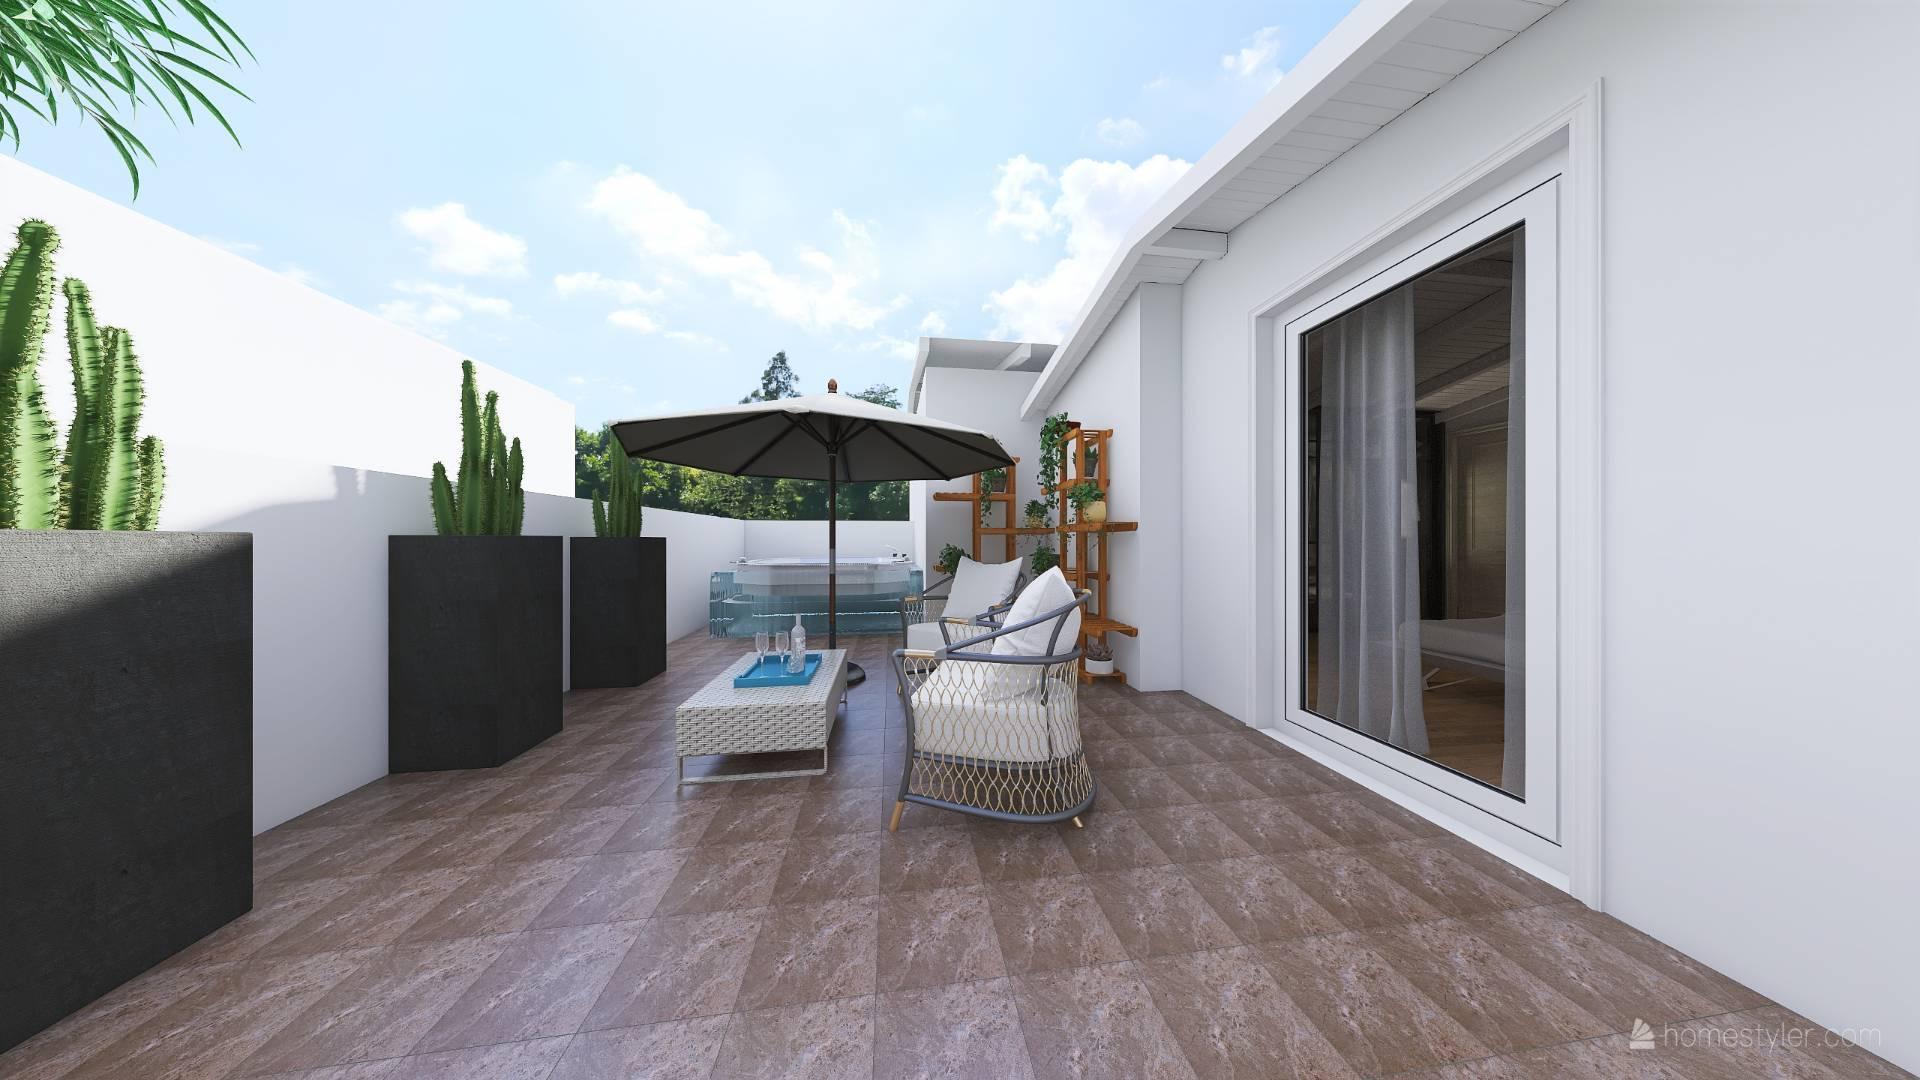 Villa in vendita a Oleggio, 5 locali, prezzo € 280.000 | CambioCasa.it